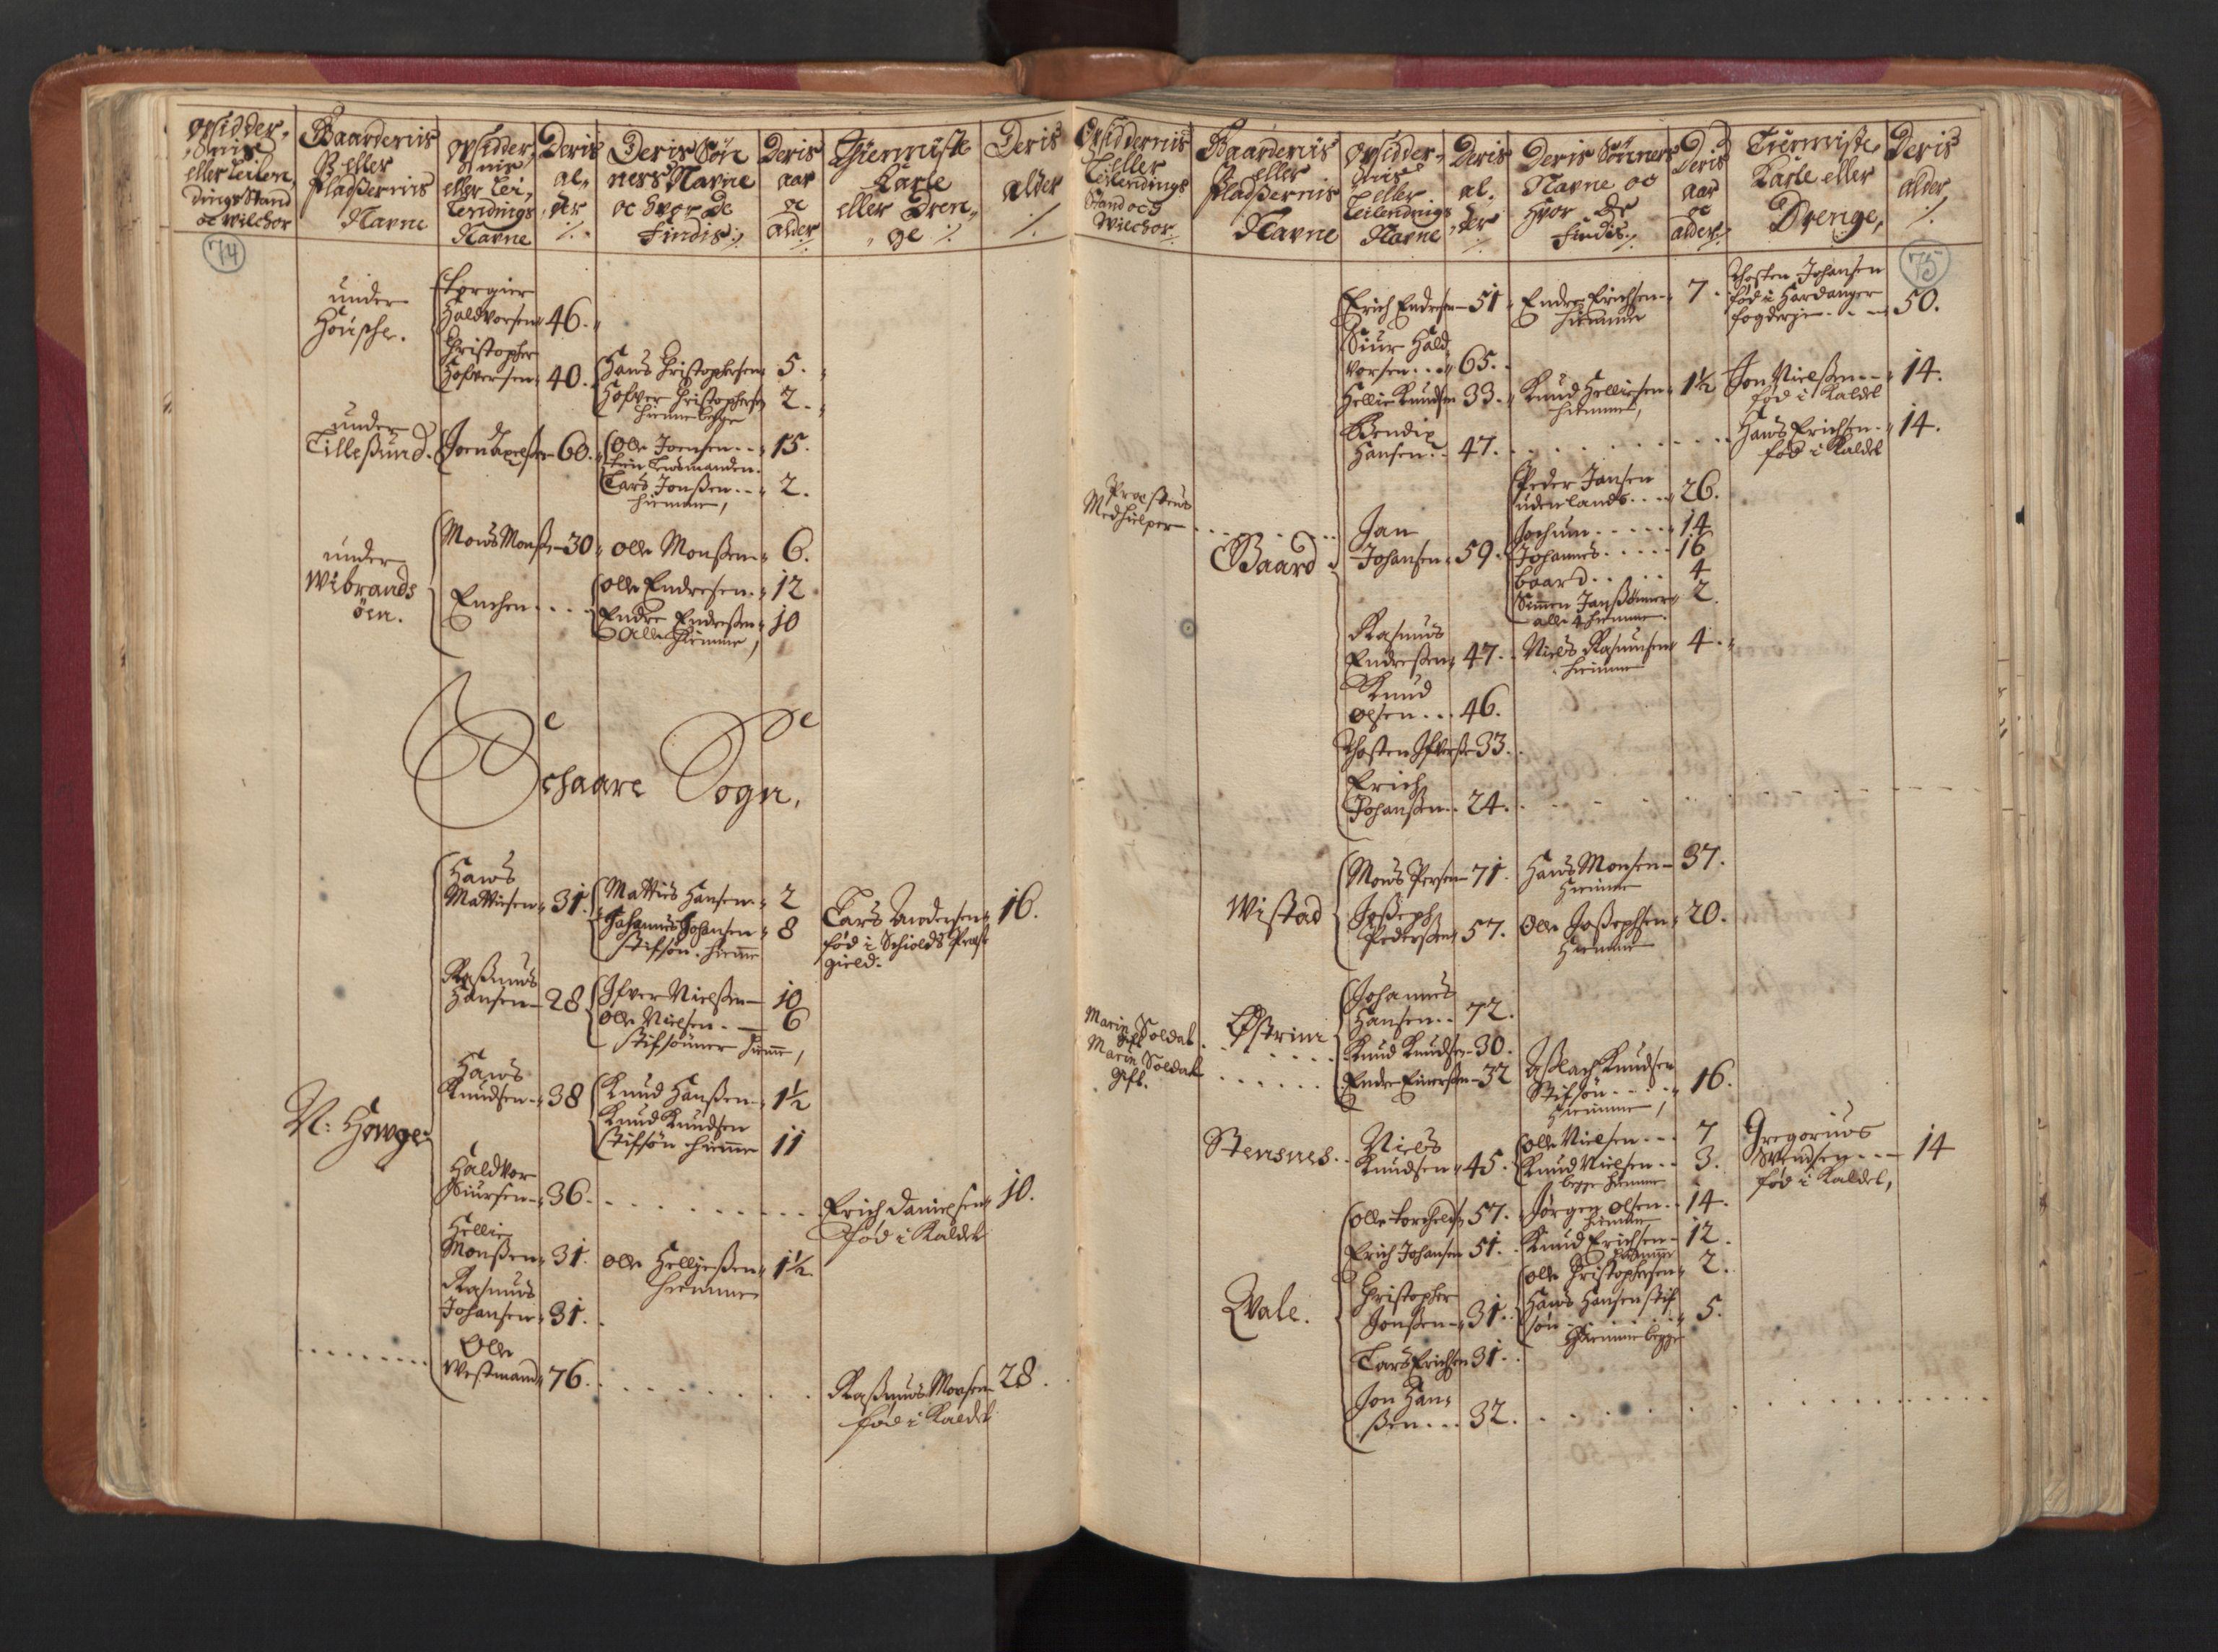 RA, Manntallet 1701, nr. 5: Ryfylke fogderi, 1701, s. 74-75